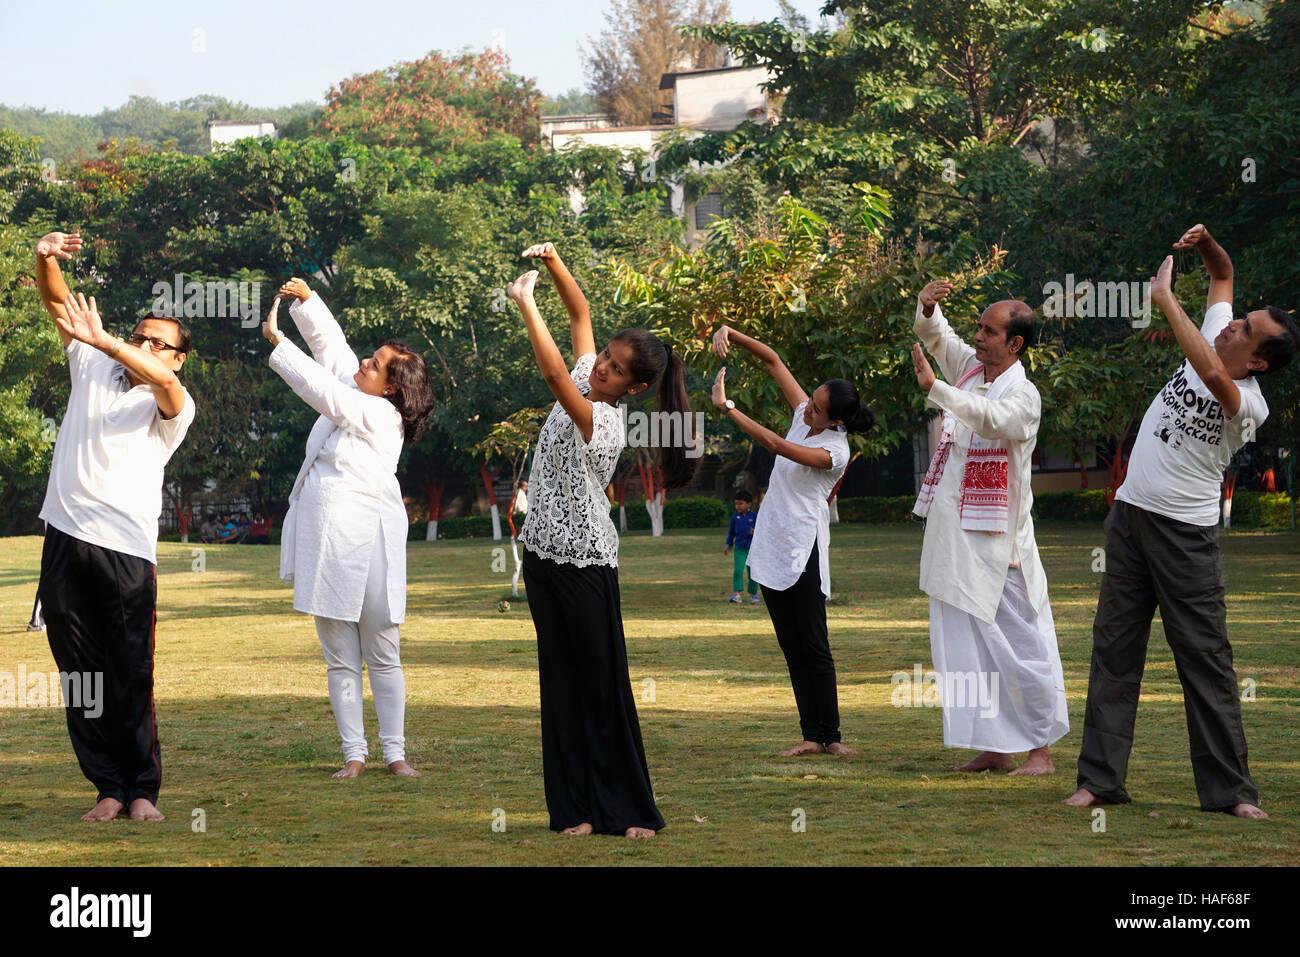 Grupo de gente haciendo Pani Sica, utilizado para la flexibilidad de la parte superior del cuerpo, Pune, Maharashtra. Imagen De Stock